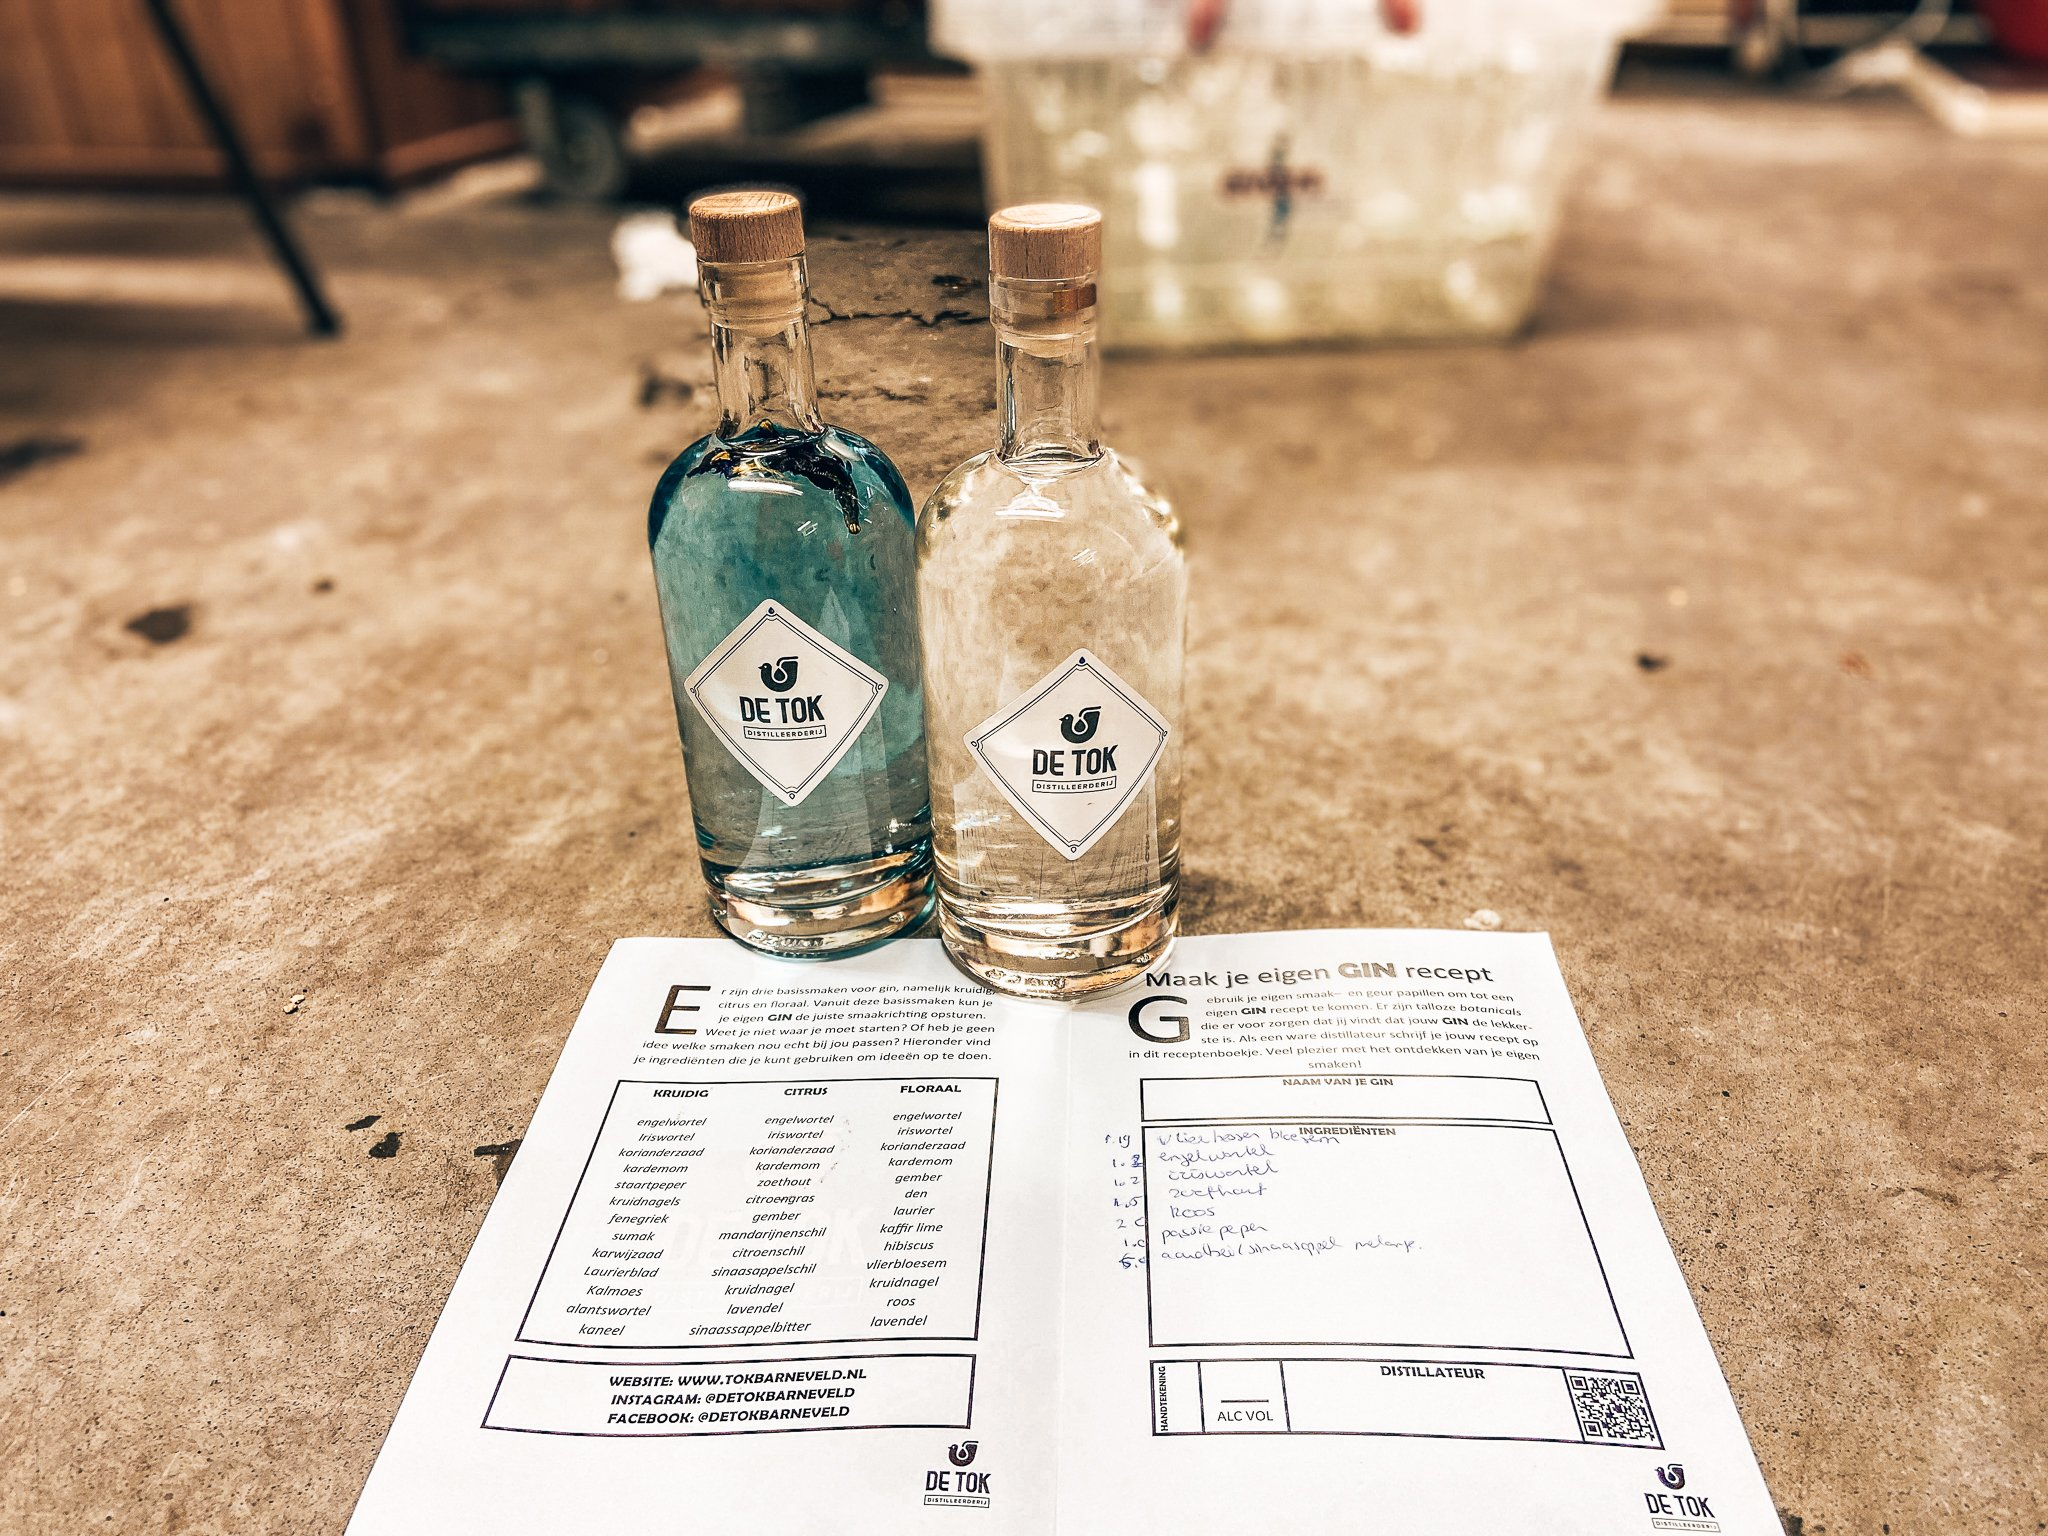 Resultaat gin workshop, De Tok Distilleerderij, Alles over gin.